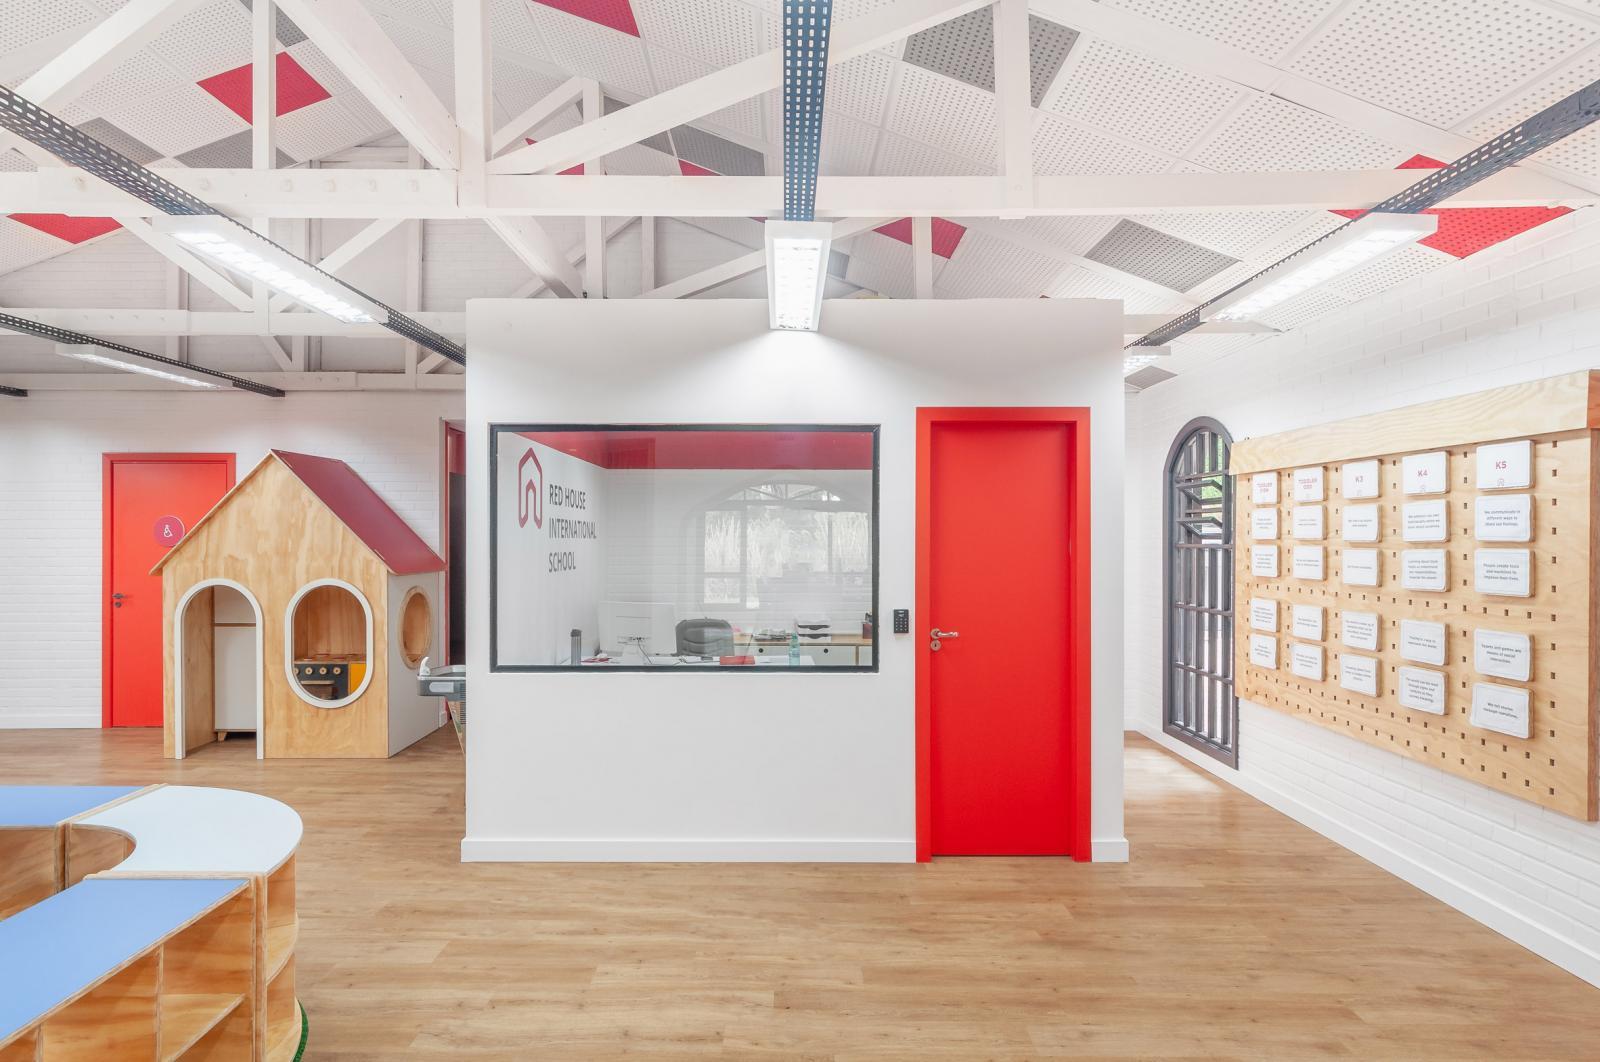 hình ảnh không gian bên trong trường học với những cánh cửa màu đỏ cam nổi bật